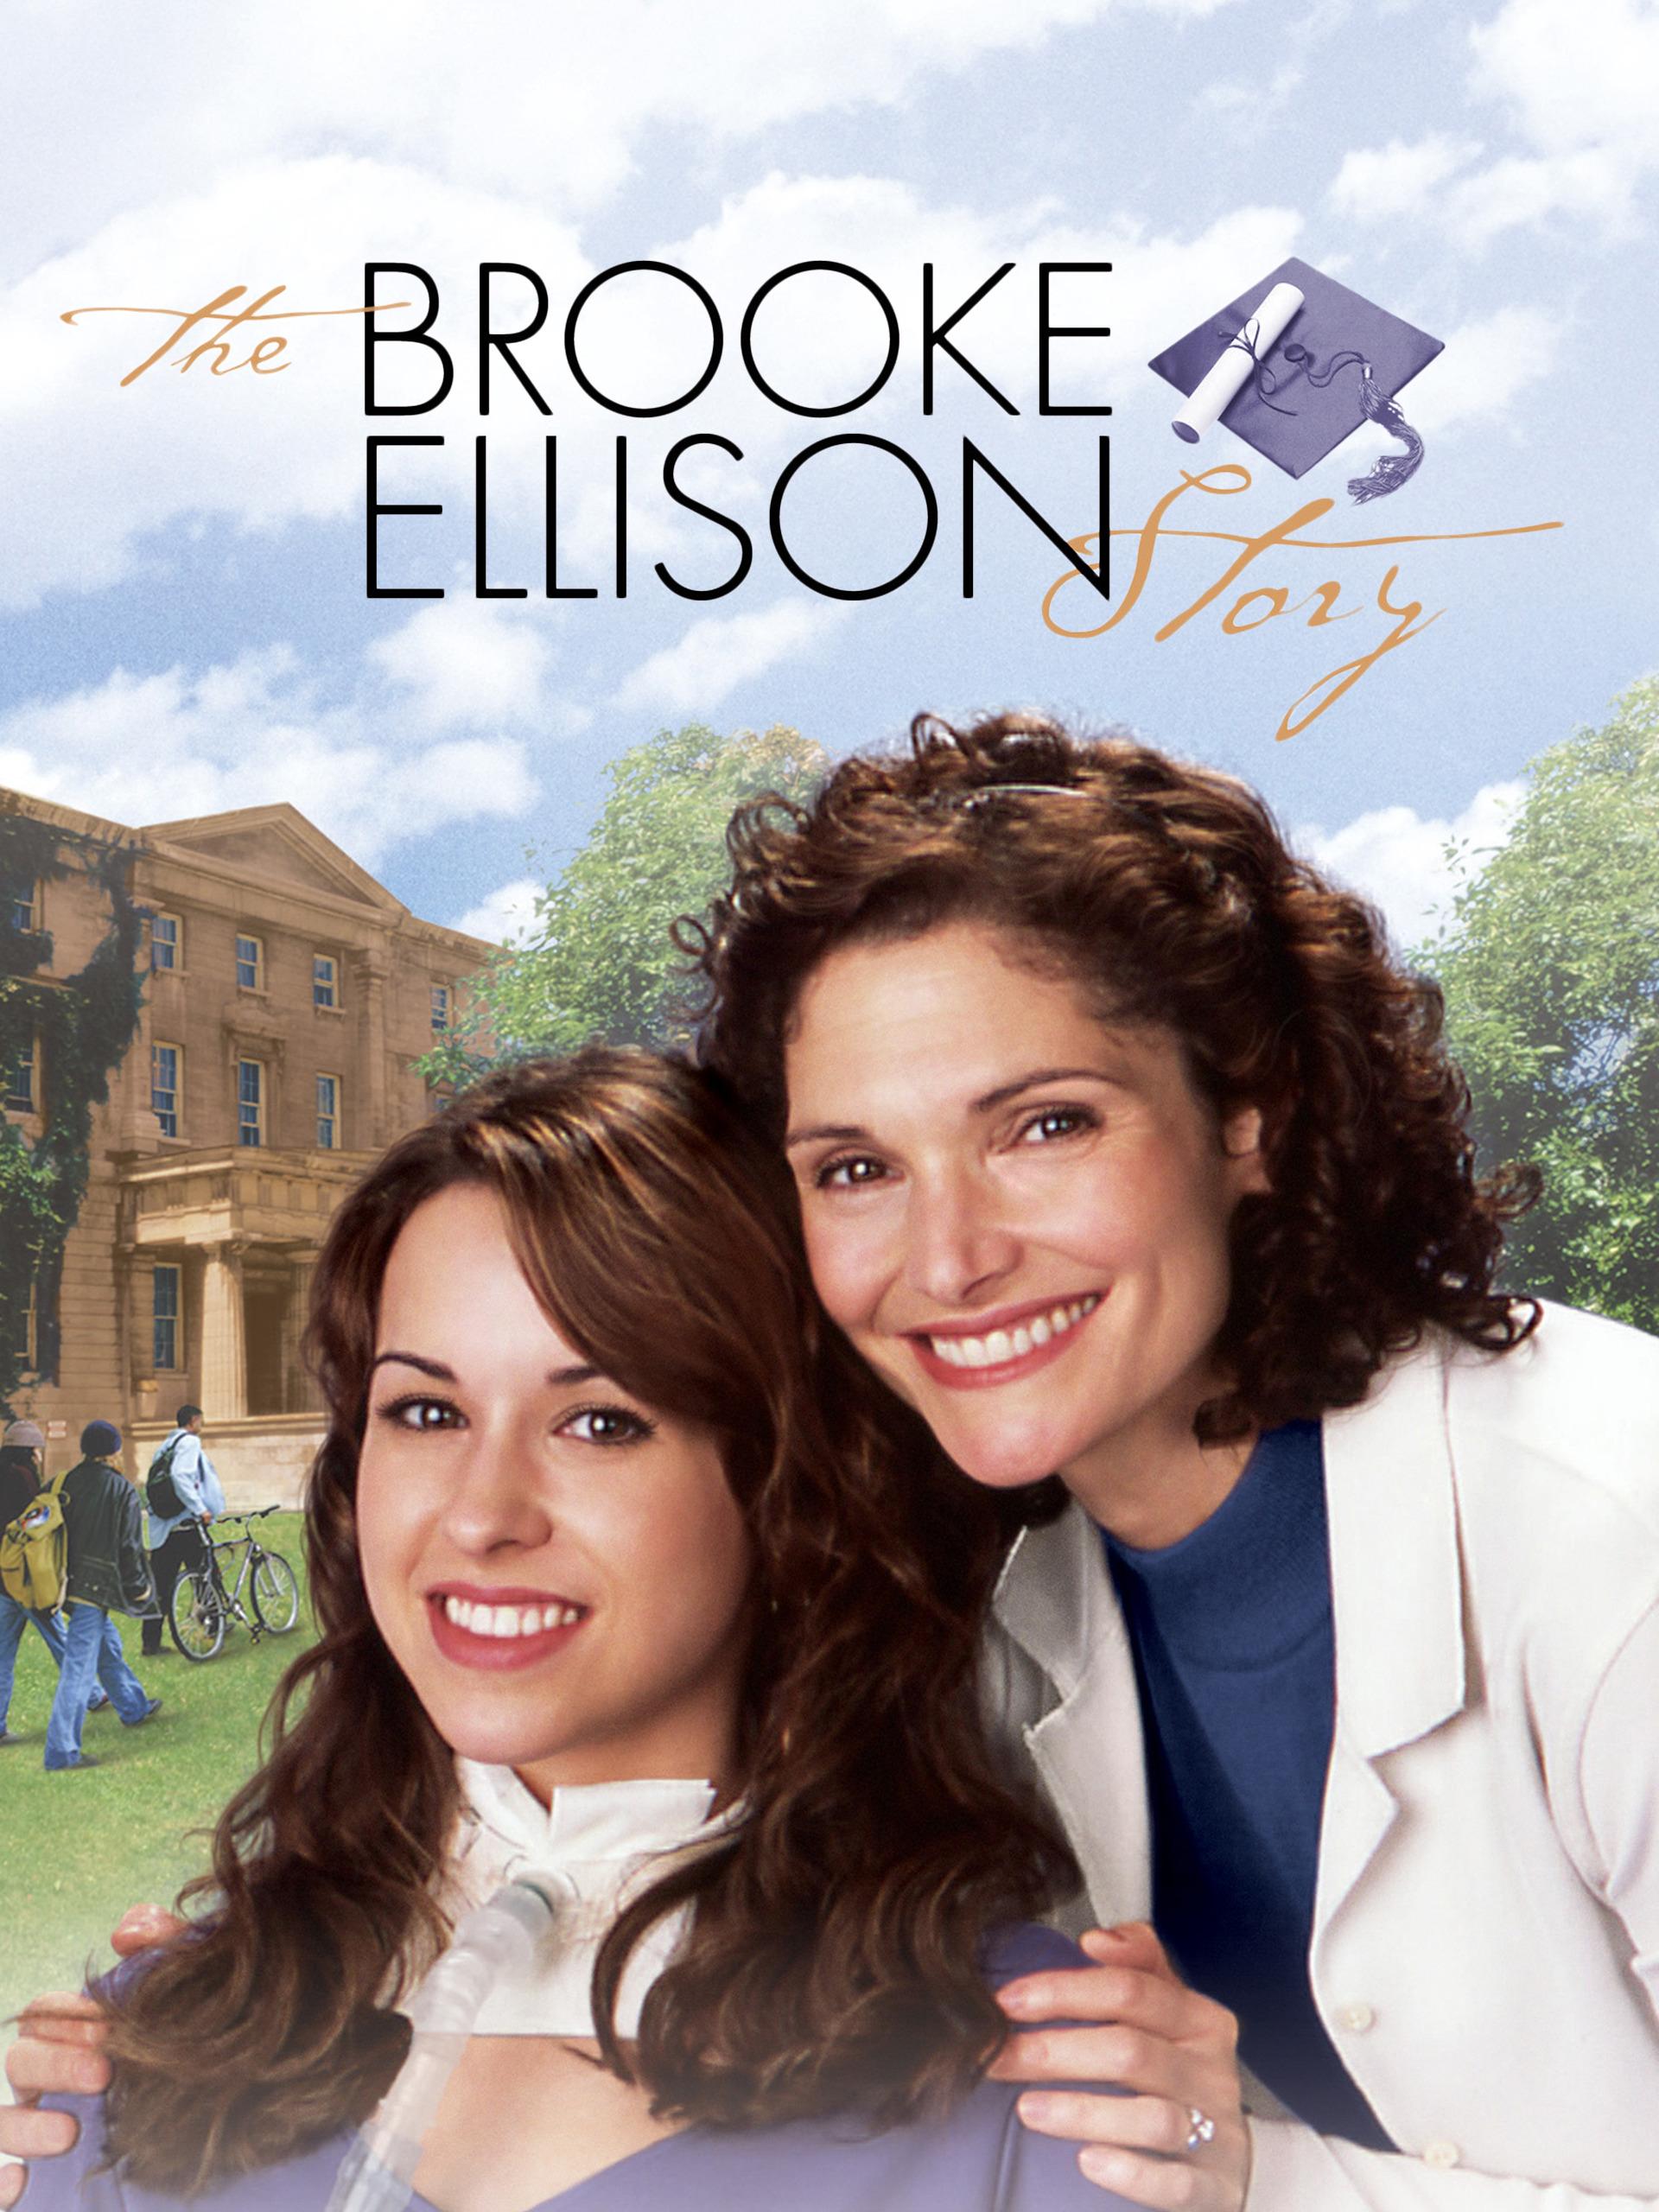 La historia de Brooke Ellison